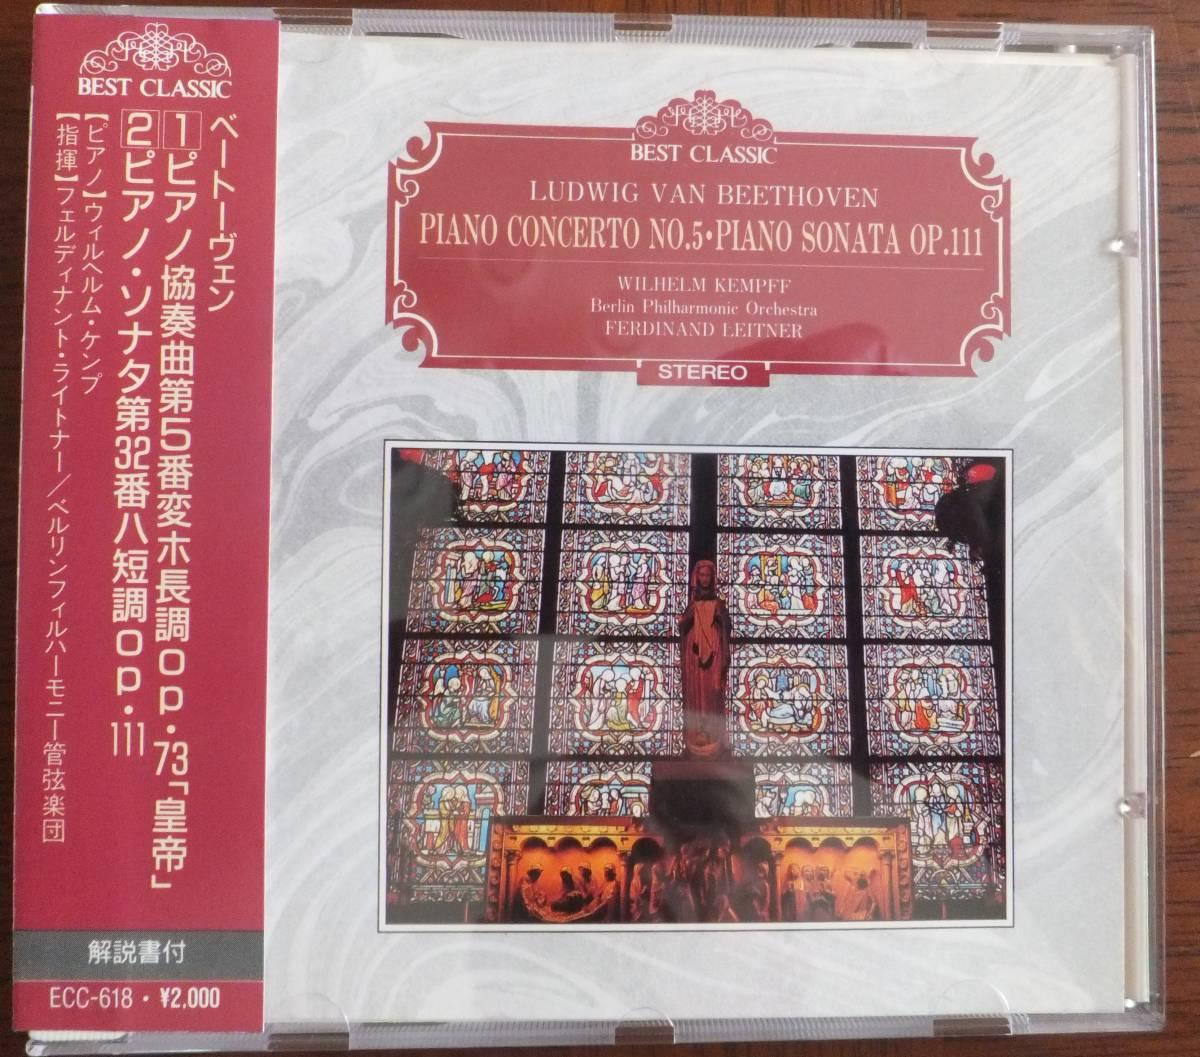 CD ベートーヴェン ピアノ協奏曲第5番「皇帝」:ピアノ・ソナタ第32番 ケンプ(P) ライトナー指揮 ベルリンフィルハーモニー管弦楽団_画像1